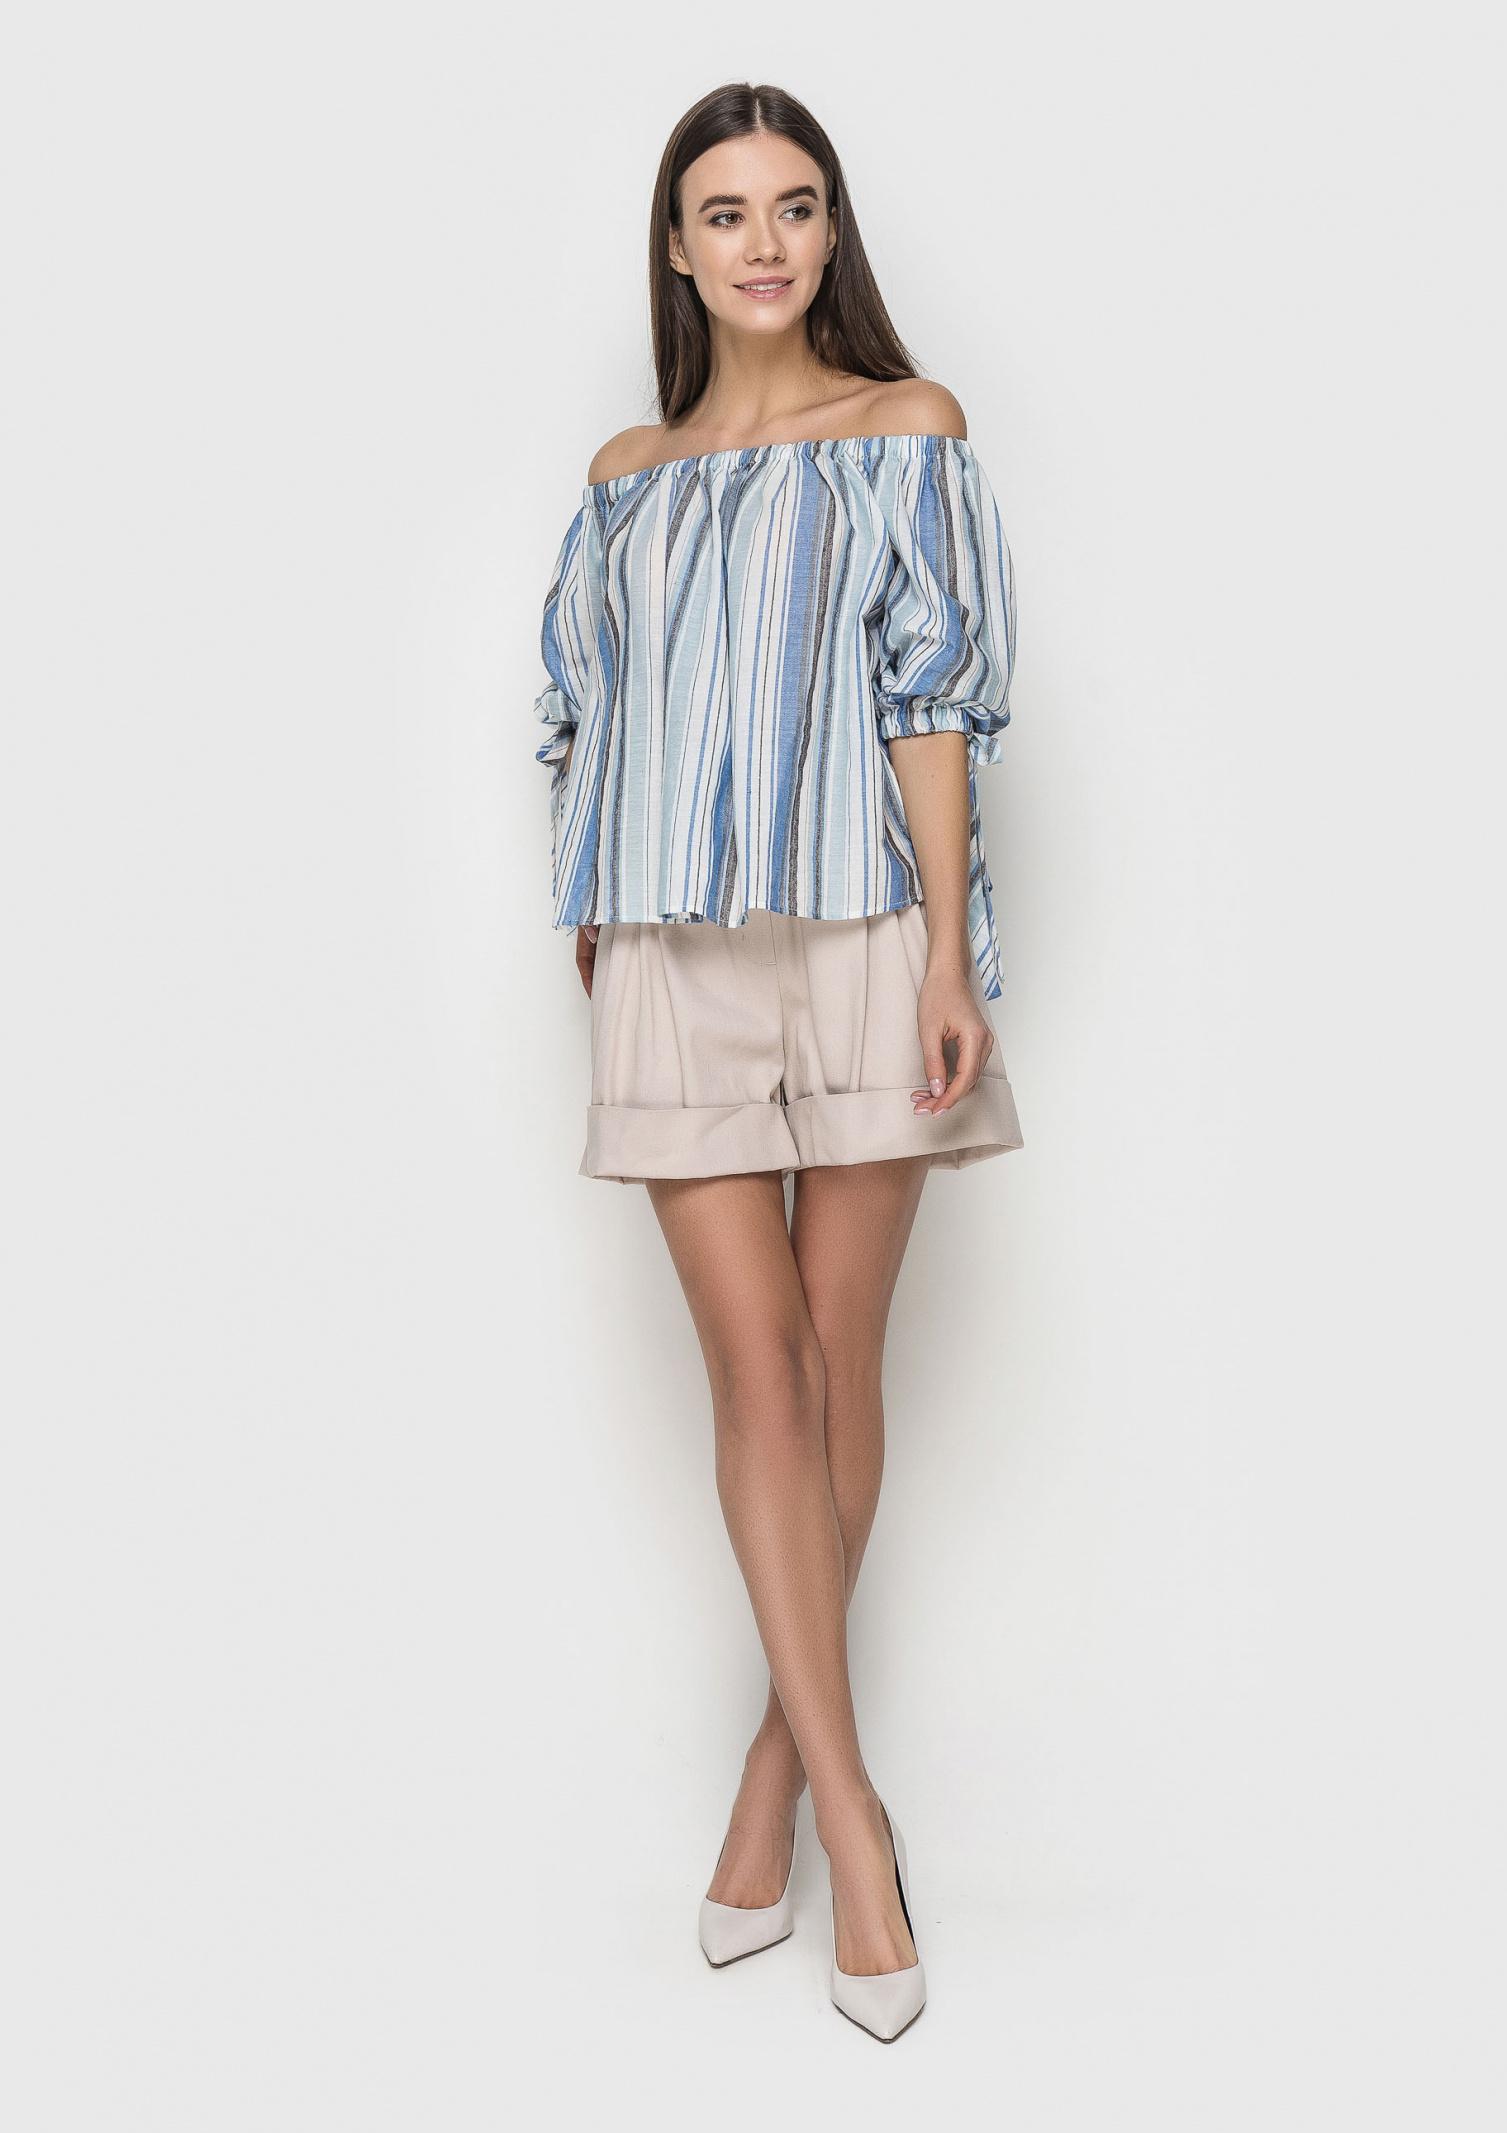 Блуза жіноча Samange модель 4B_56 - фото